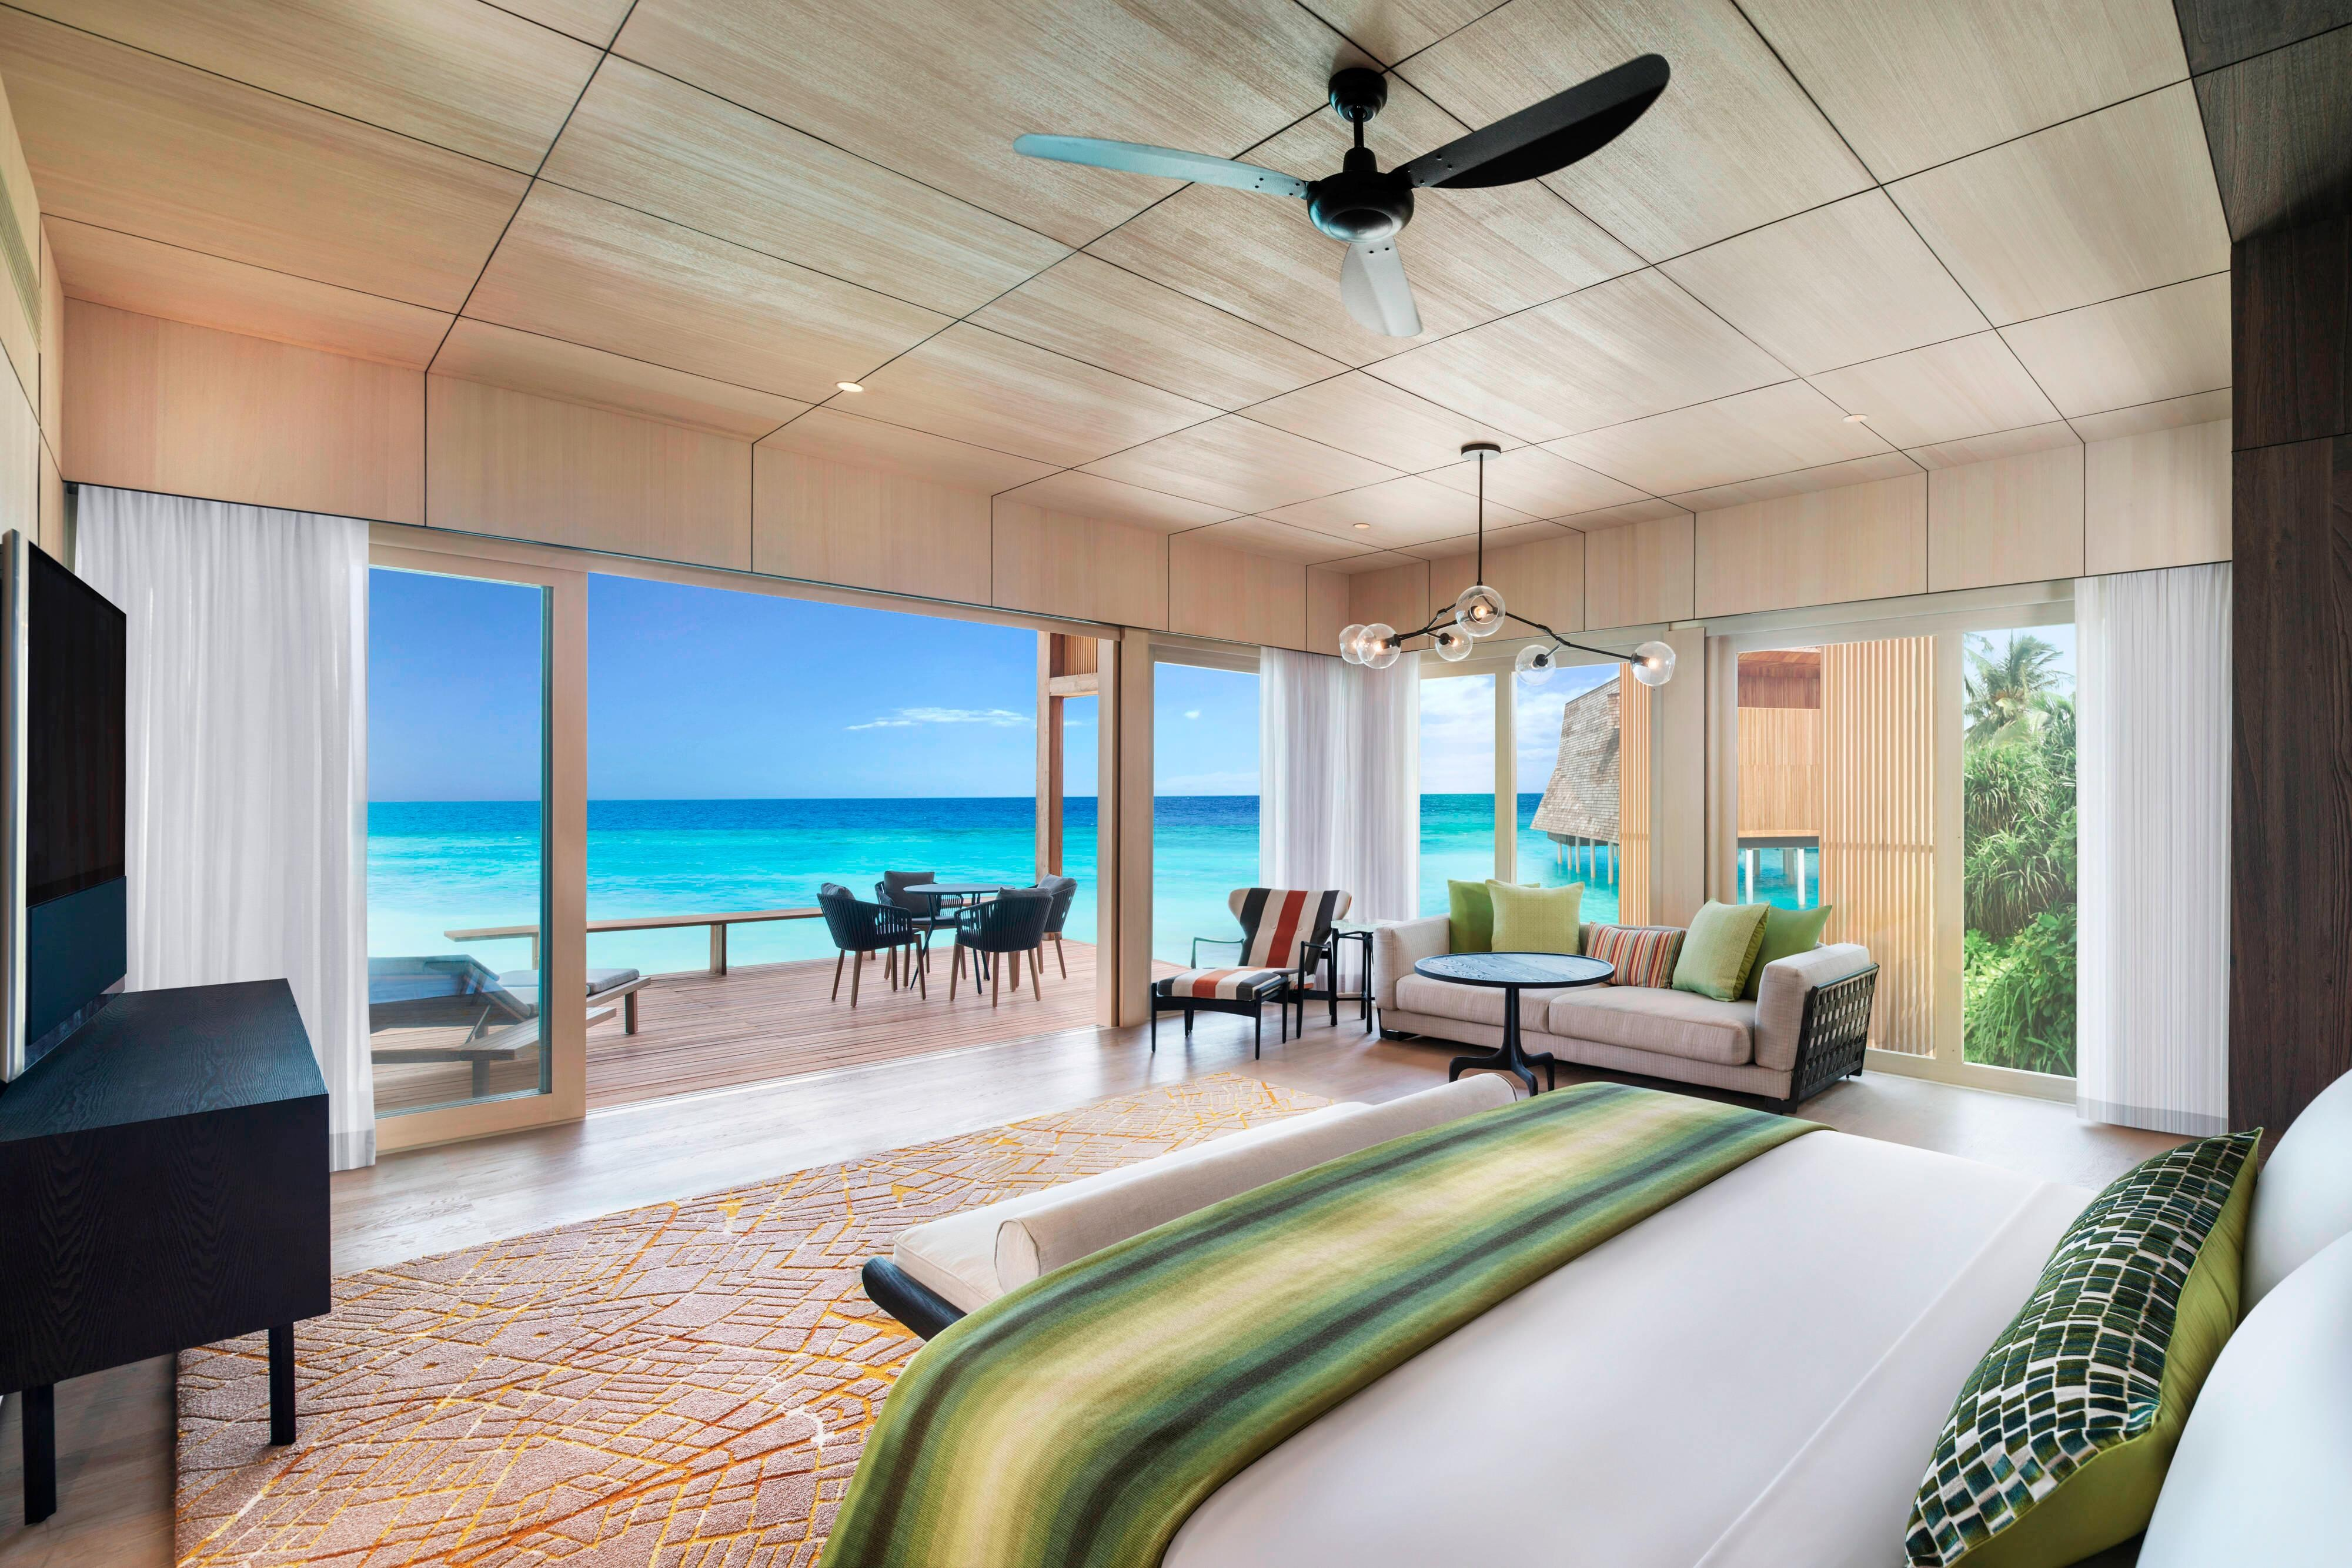 Villa Family na praia com dois quartos e piscina - Quarto principal